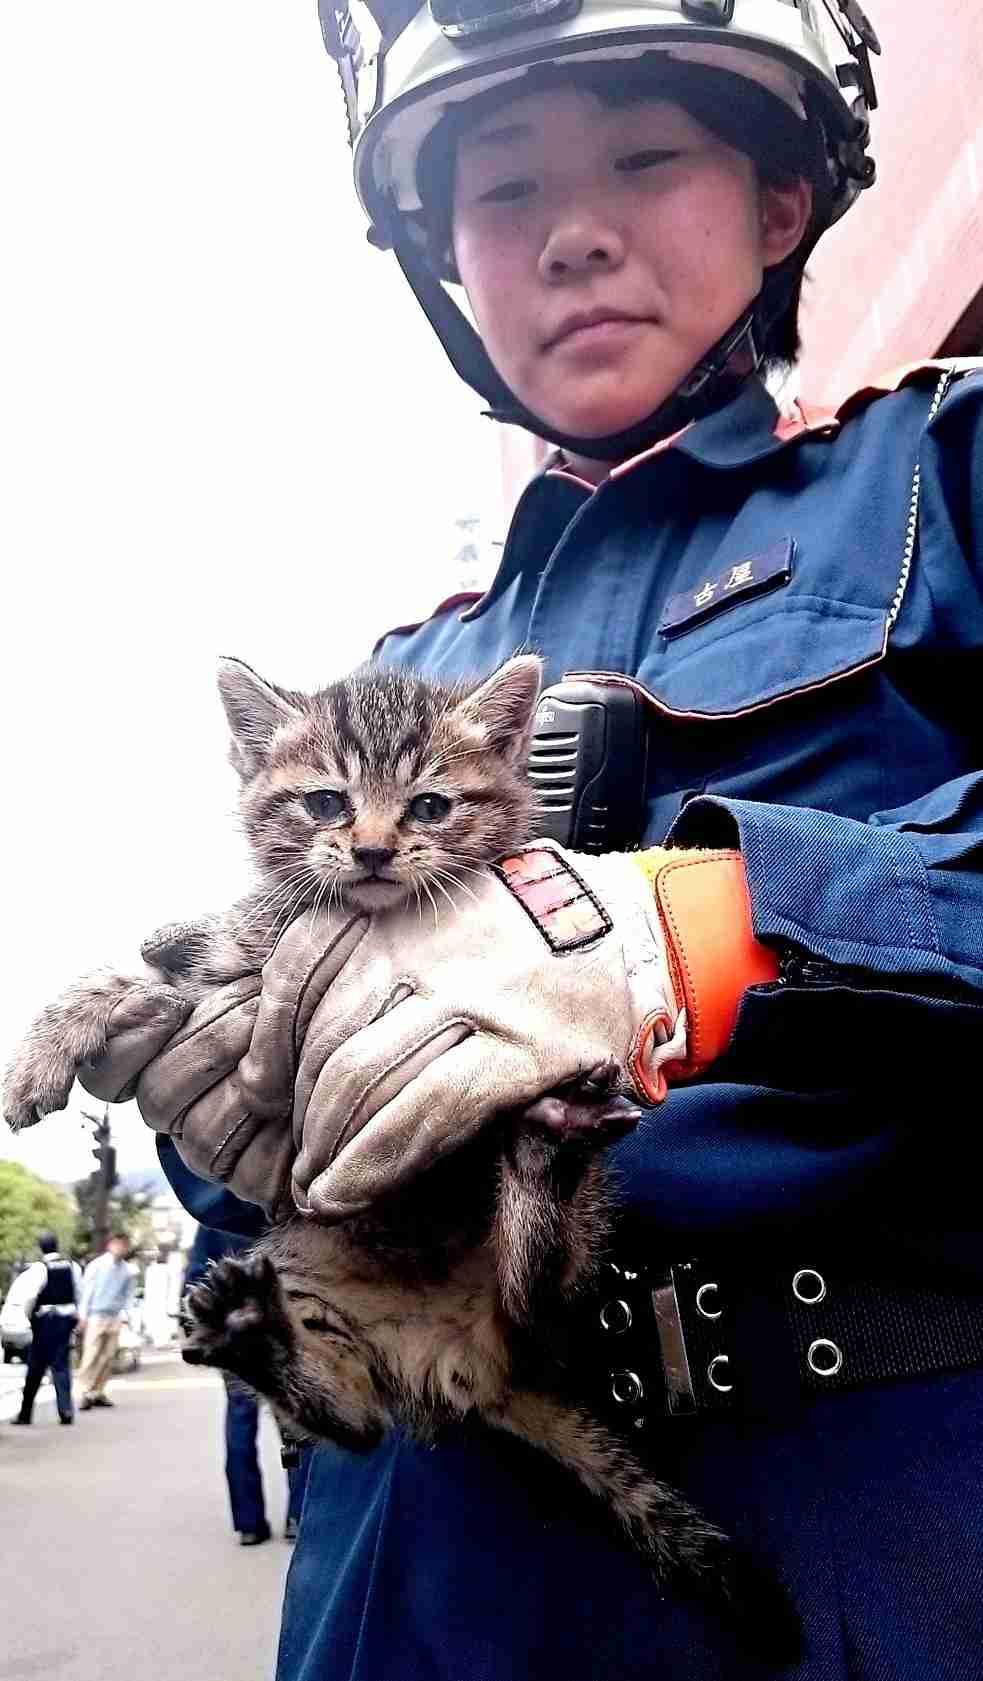 <子猫>ビルのすき間で「ニャー」救出 飼い主探しへ (毎日新聞) - Yahoo!ニュース